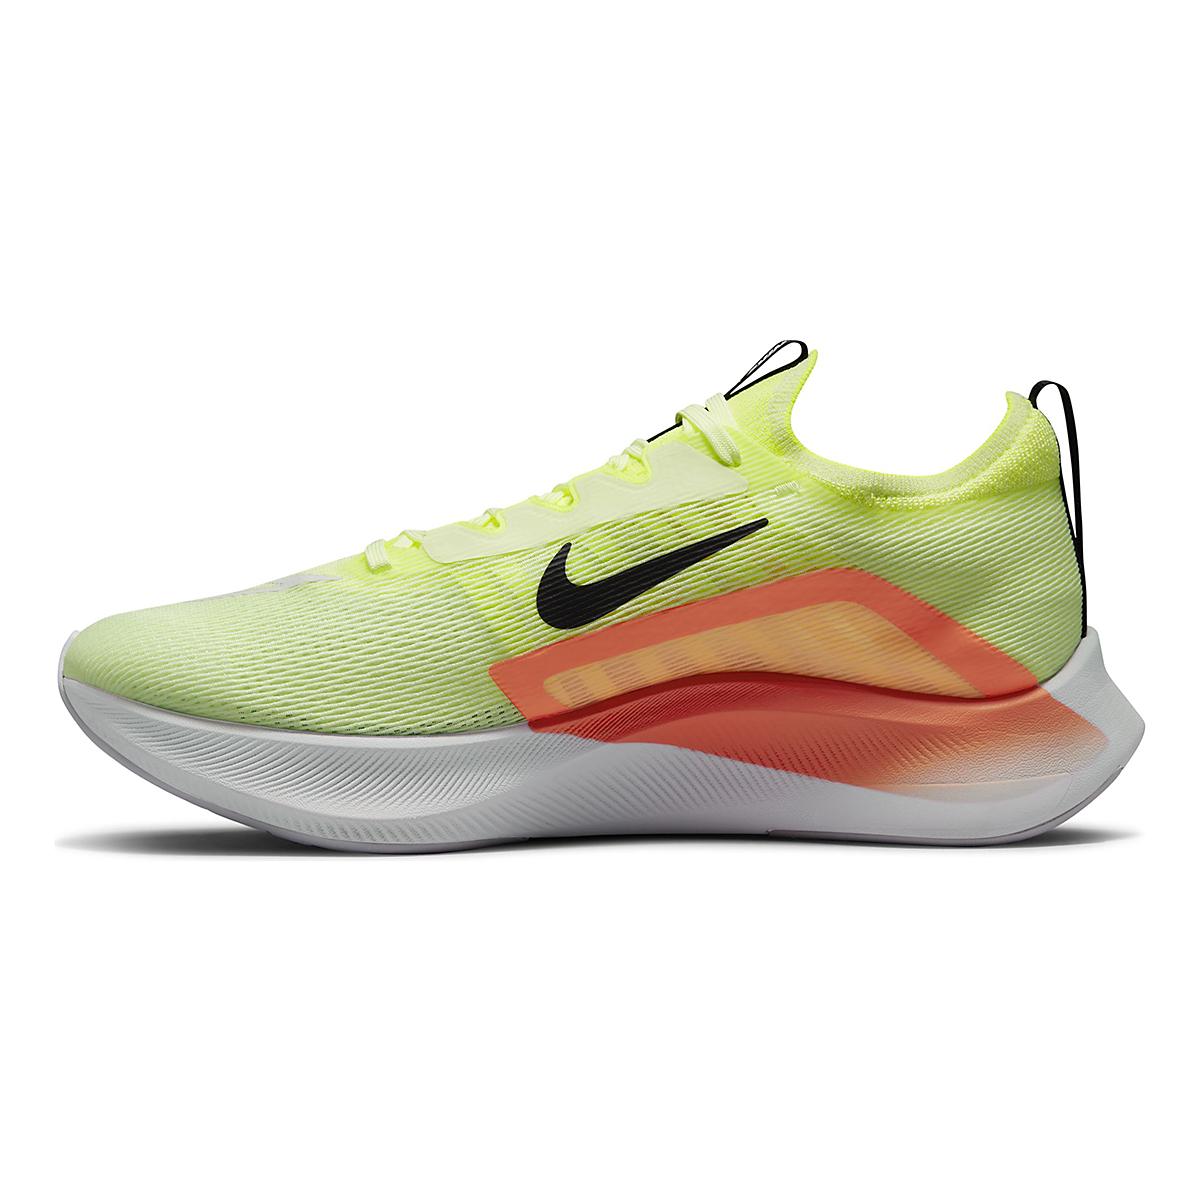 Men's Nike Zoom Fly 4 Running Shoe - Color: Barely Volt/Black/Hyper Orange - Size: 6 - Width: Regular, Barely Volt/Black/Hyper Orange, large, image 2